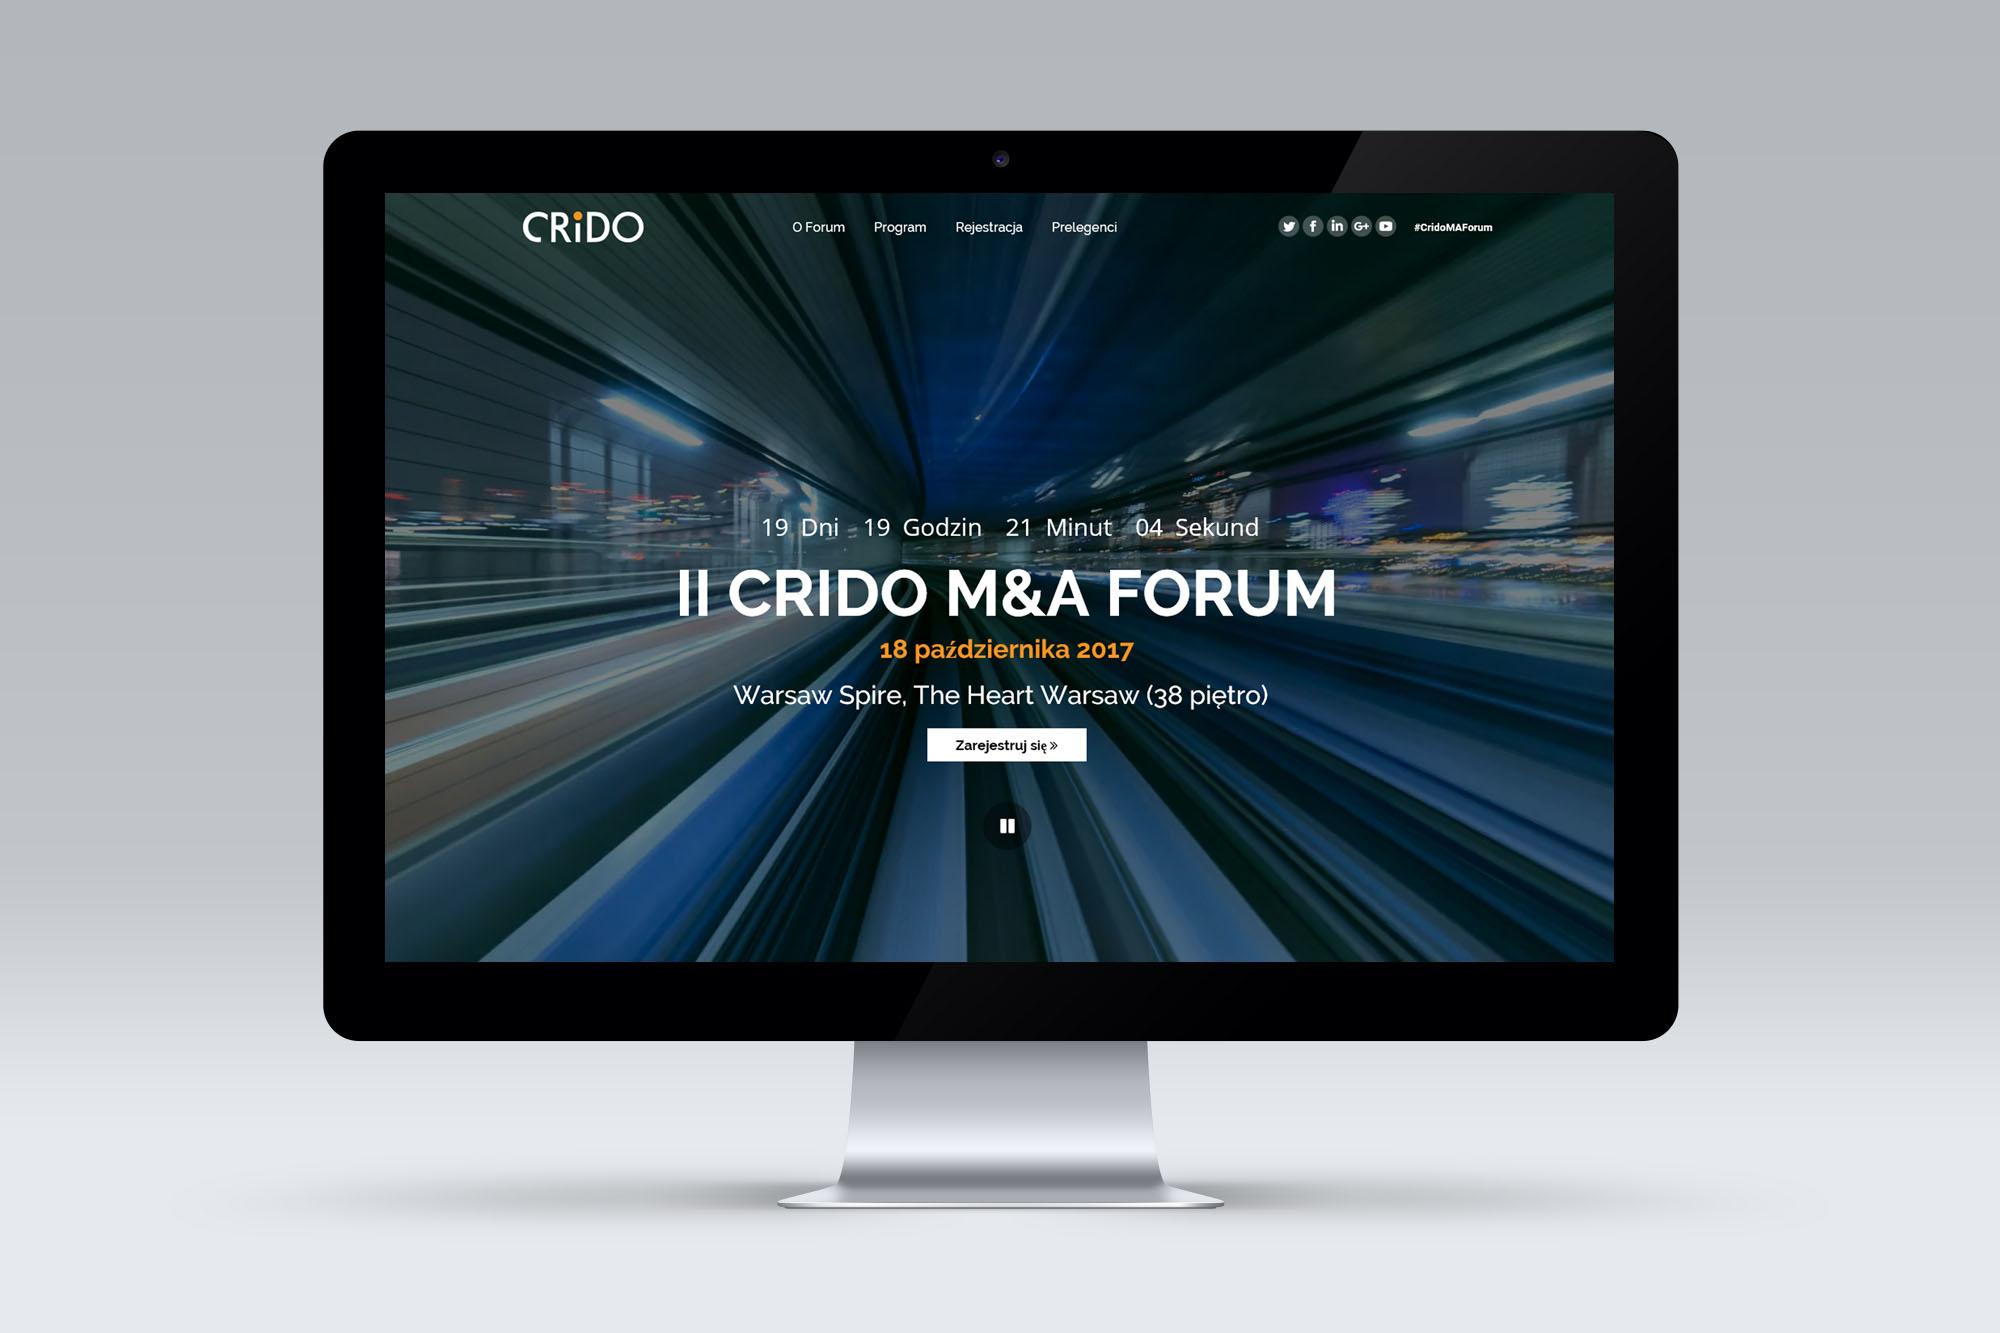 crido_ma_forum1